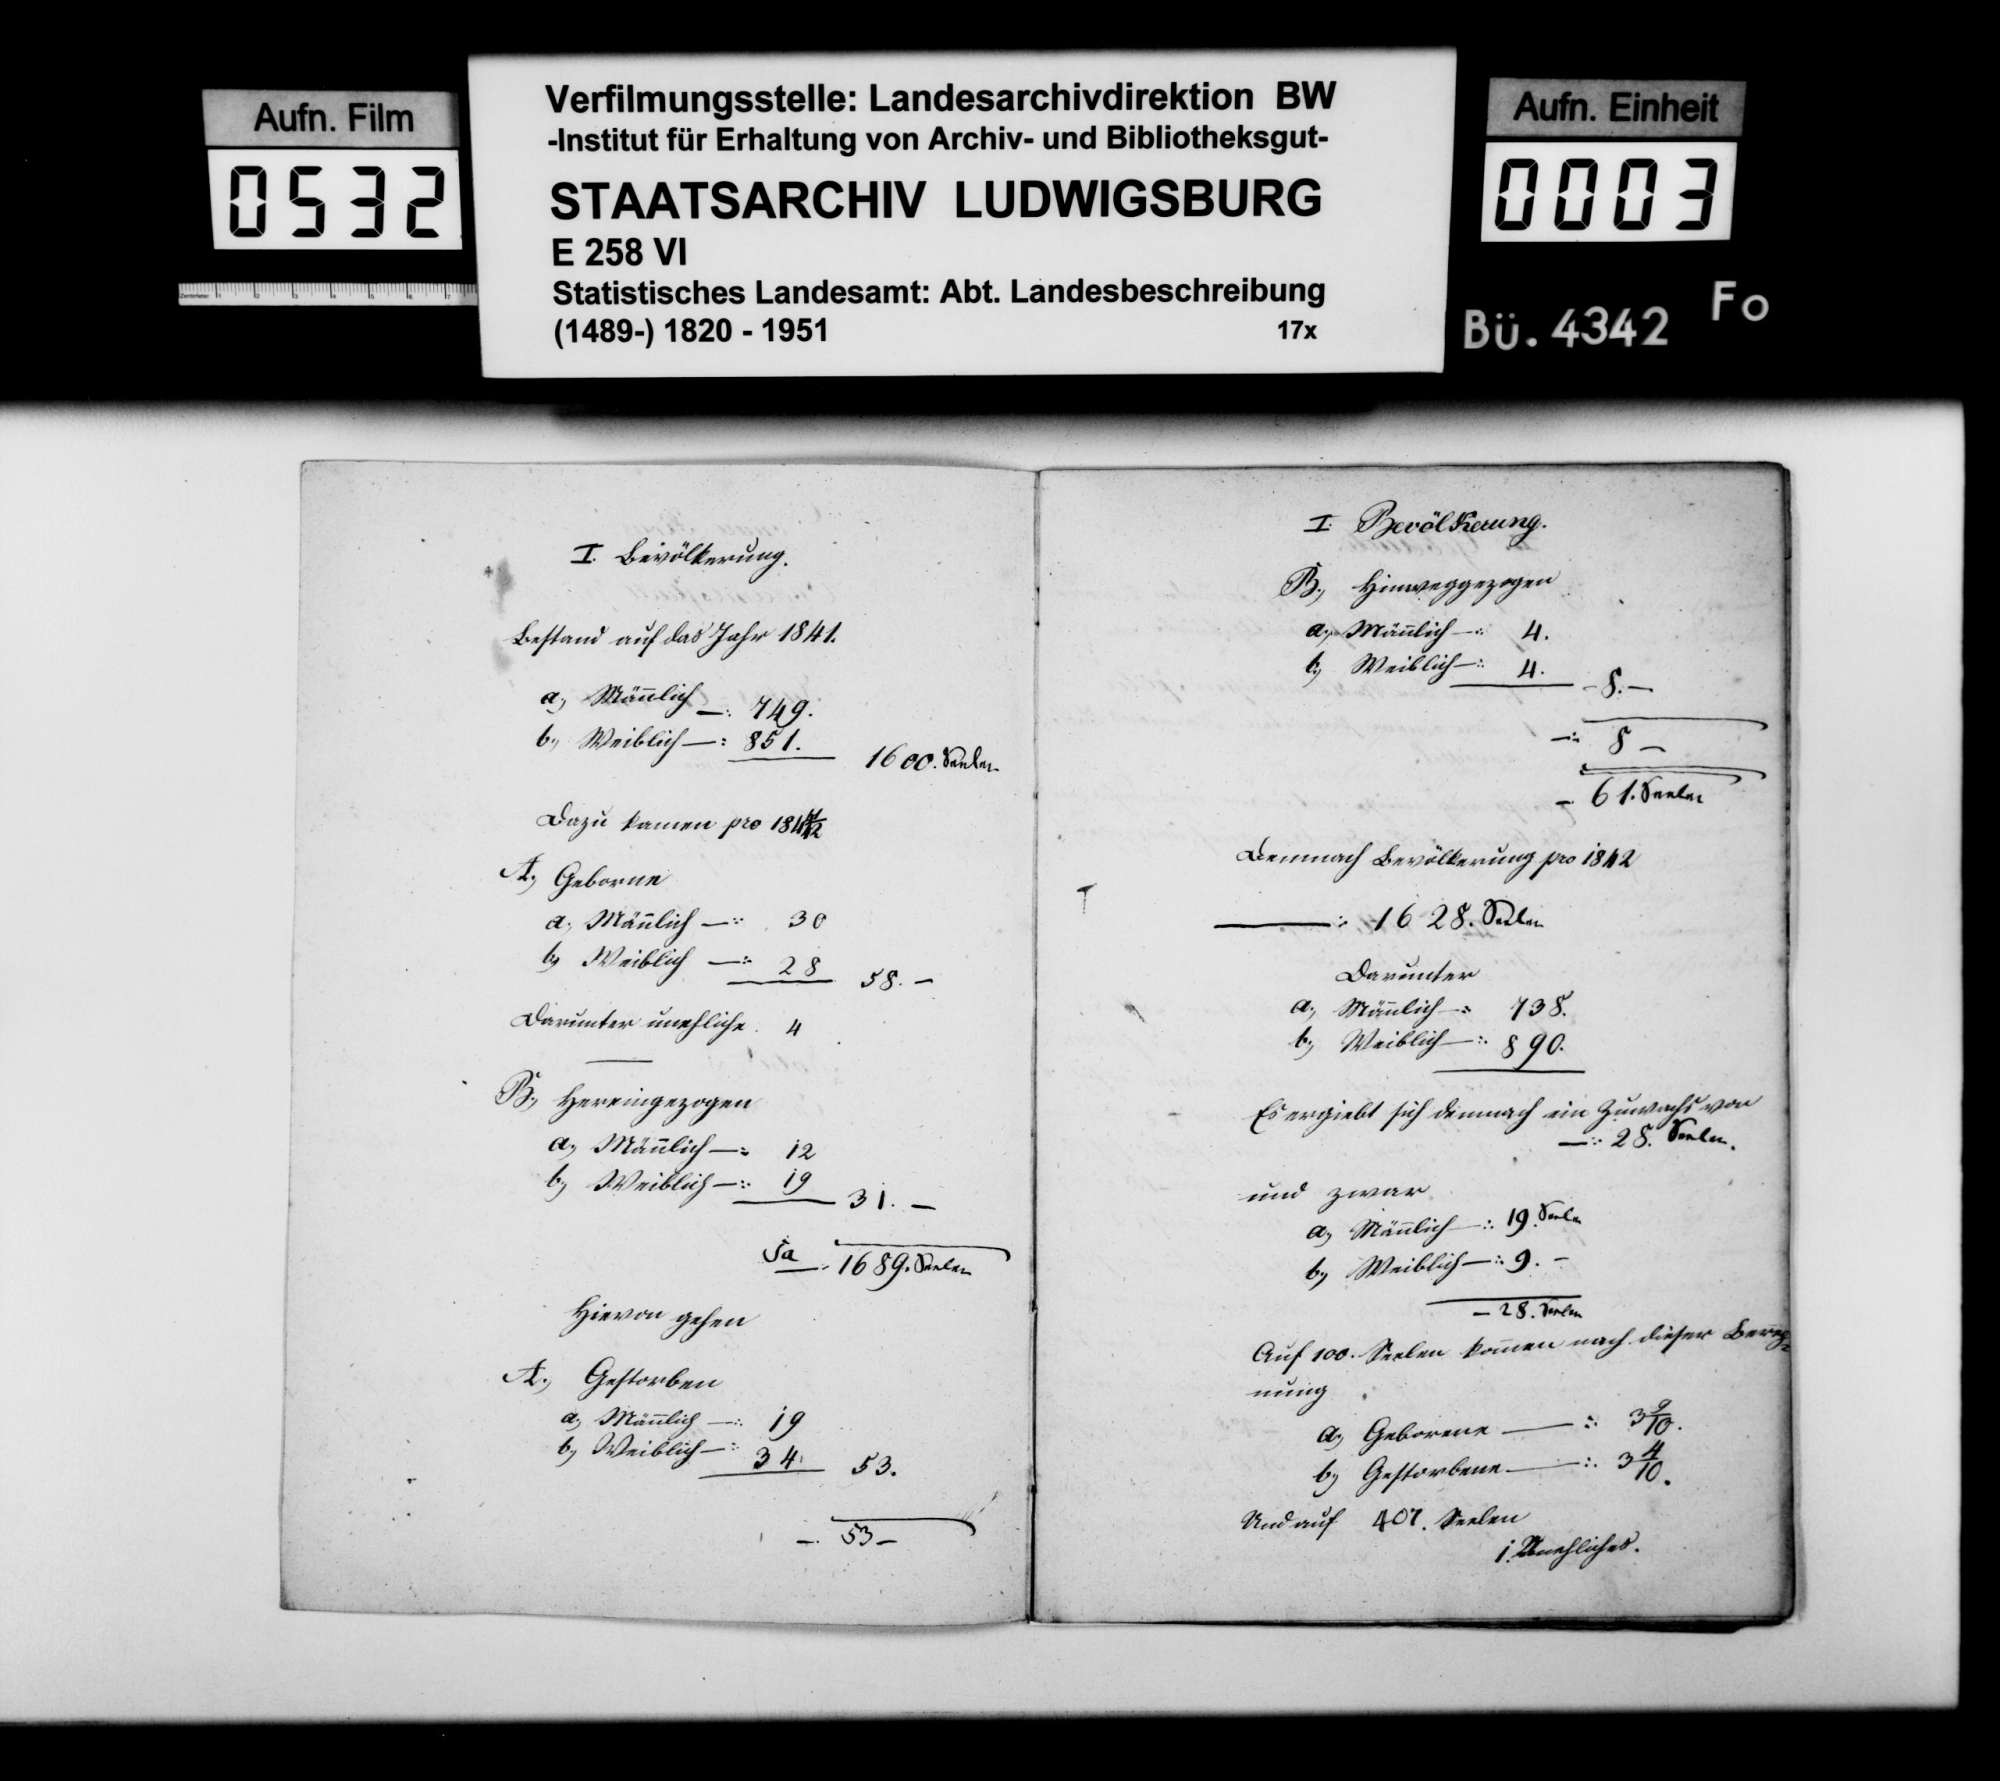 Jahreschronik der Oberamtsstadt Wangen für 1842, von Gerichtsnotar Späth, Bild 2